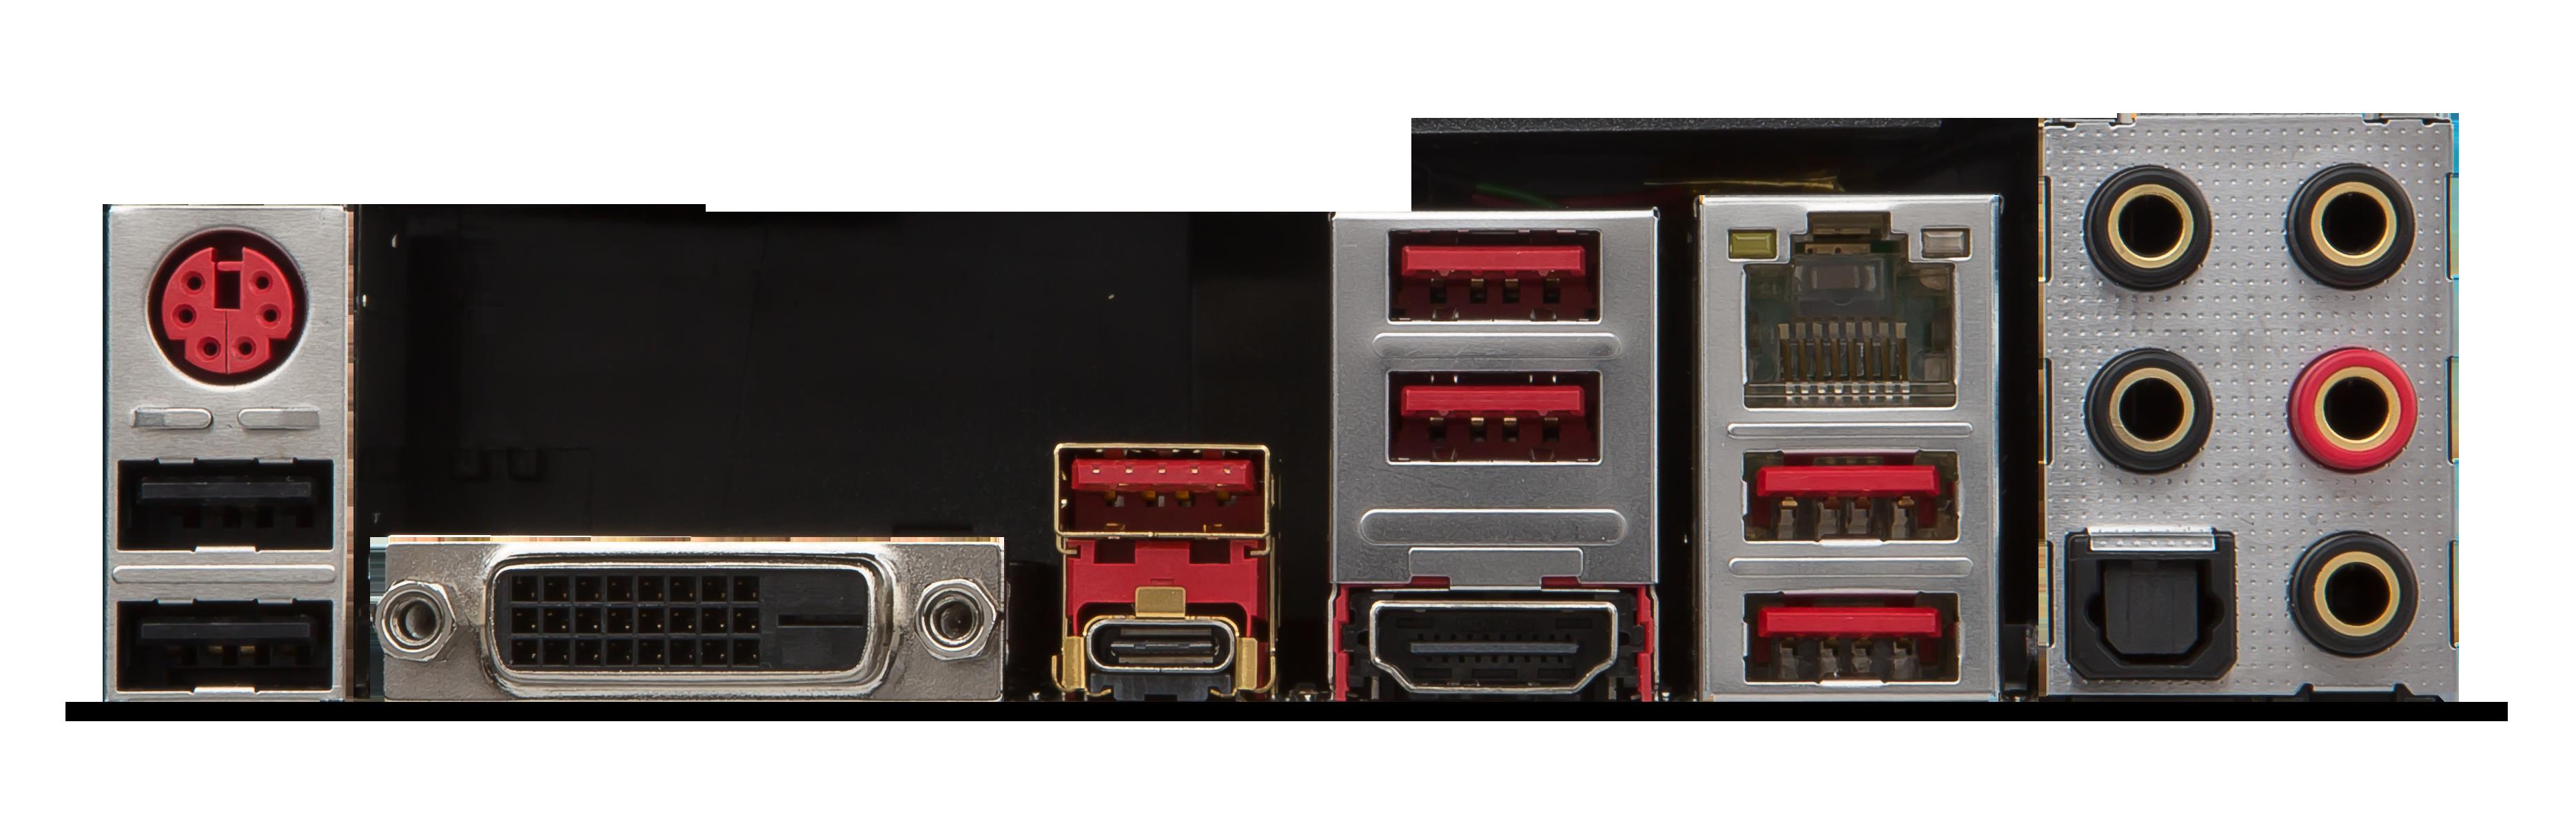 Carte mère Z270 GAMING PRO CARBON Socket 1151 - Chipset Z270 Kabylake